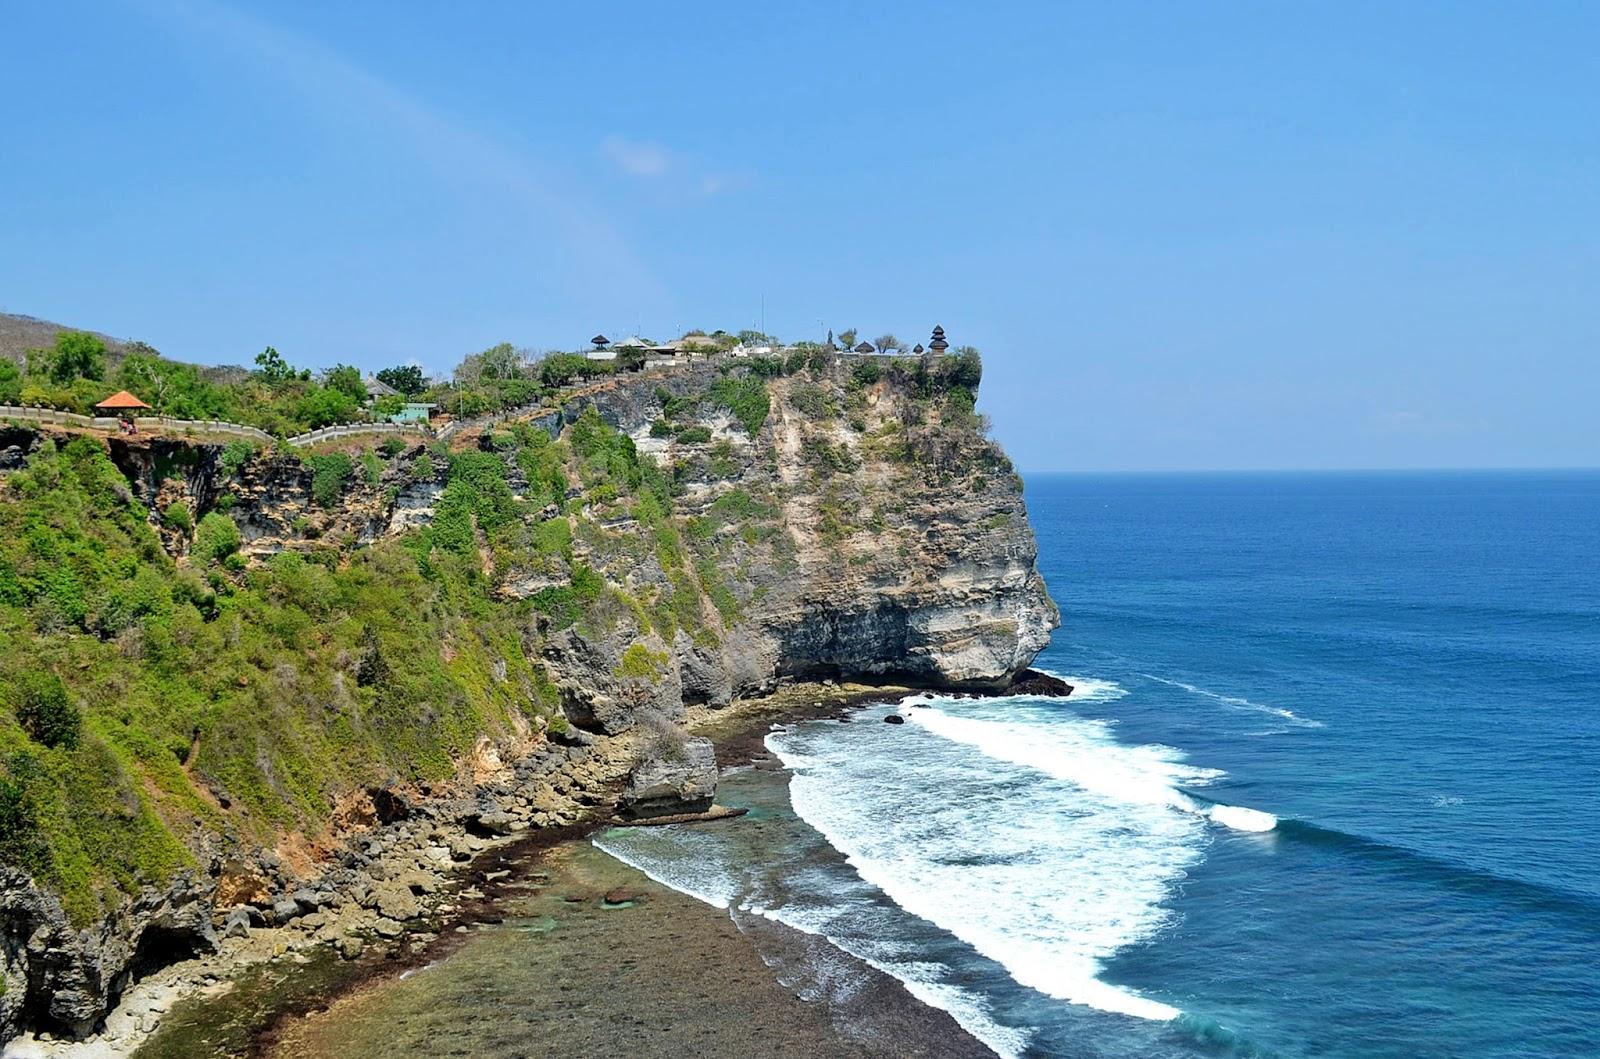 Trip Bali Indonesia Uluwatu Temple Pura Luhur Oldest Thousand Year